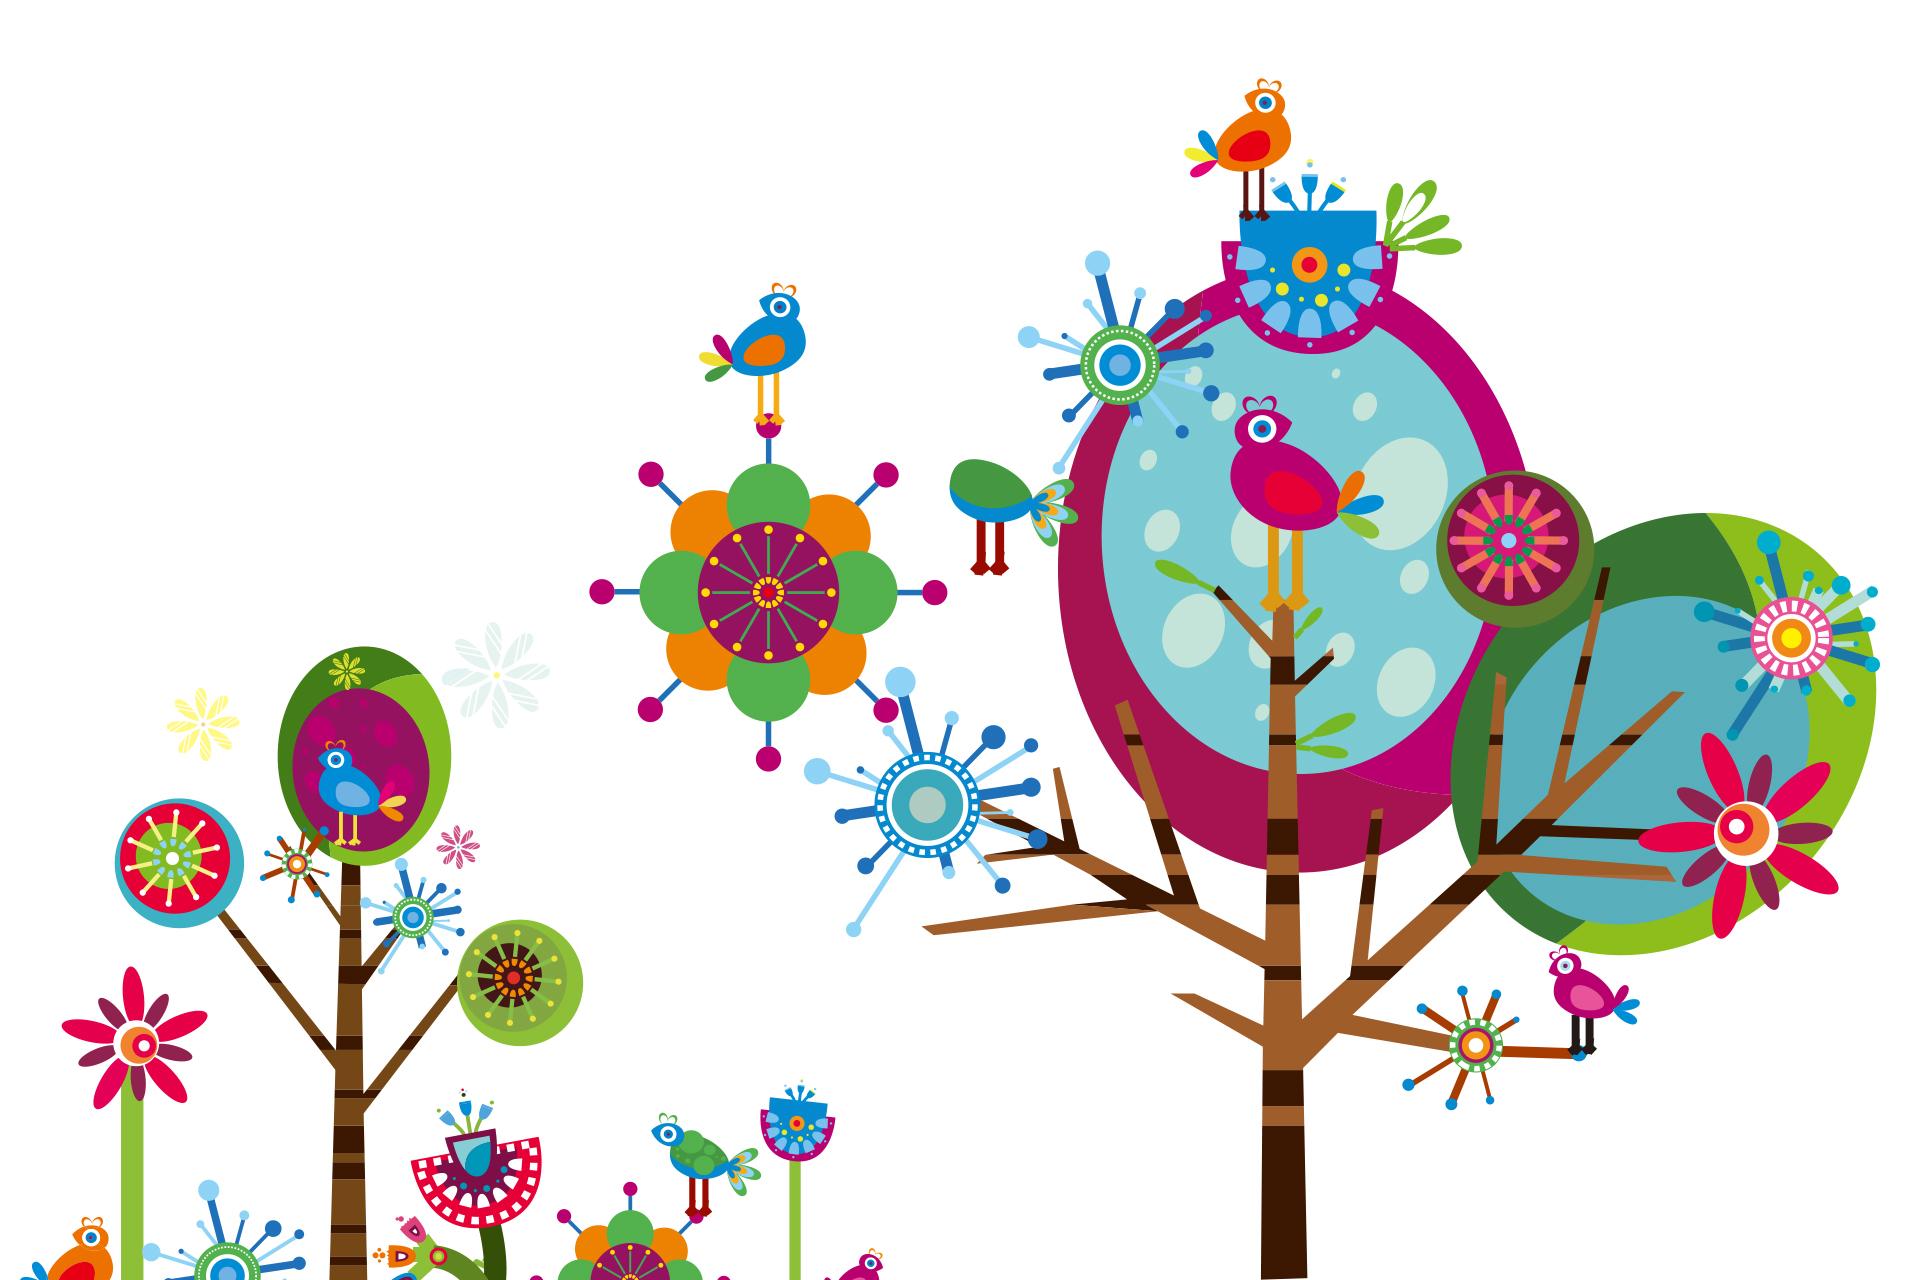 꽃, 나무, 새